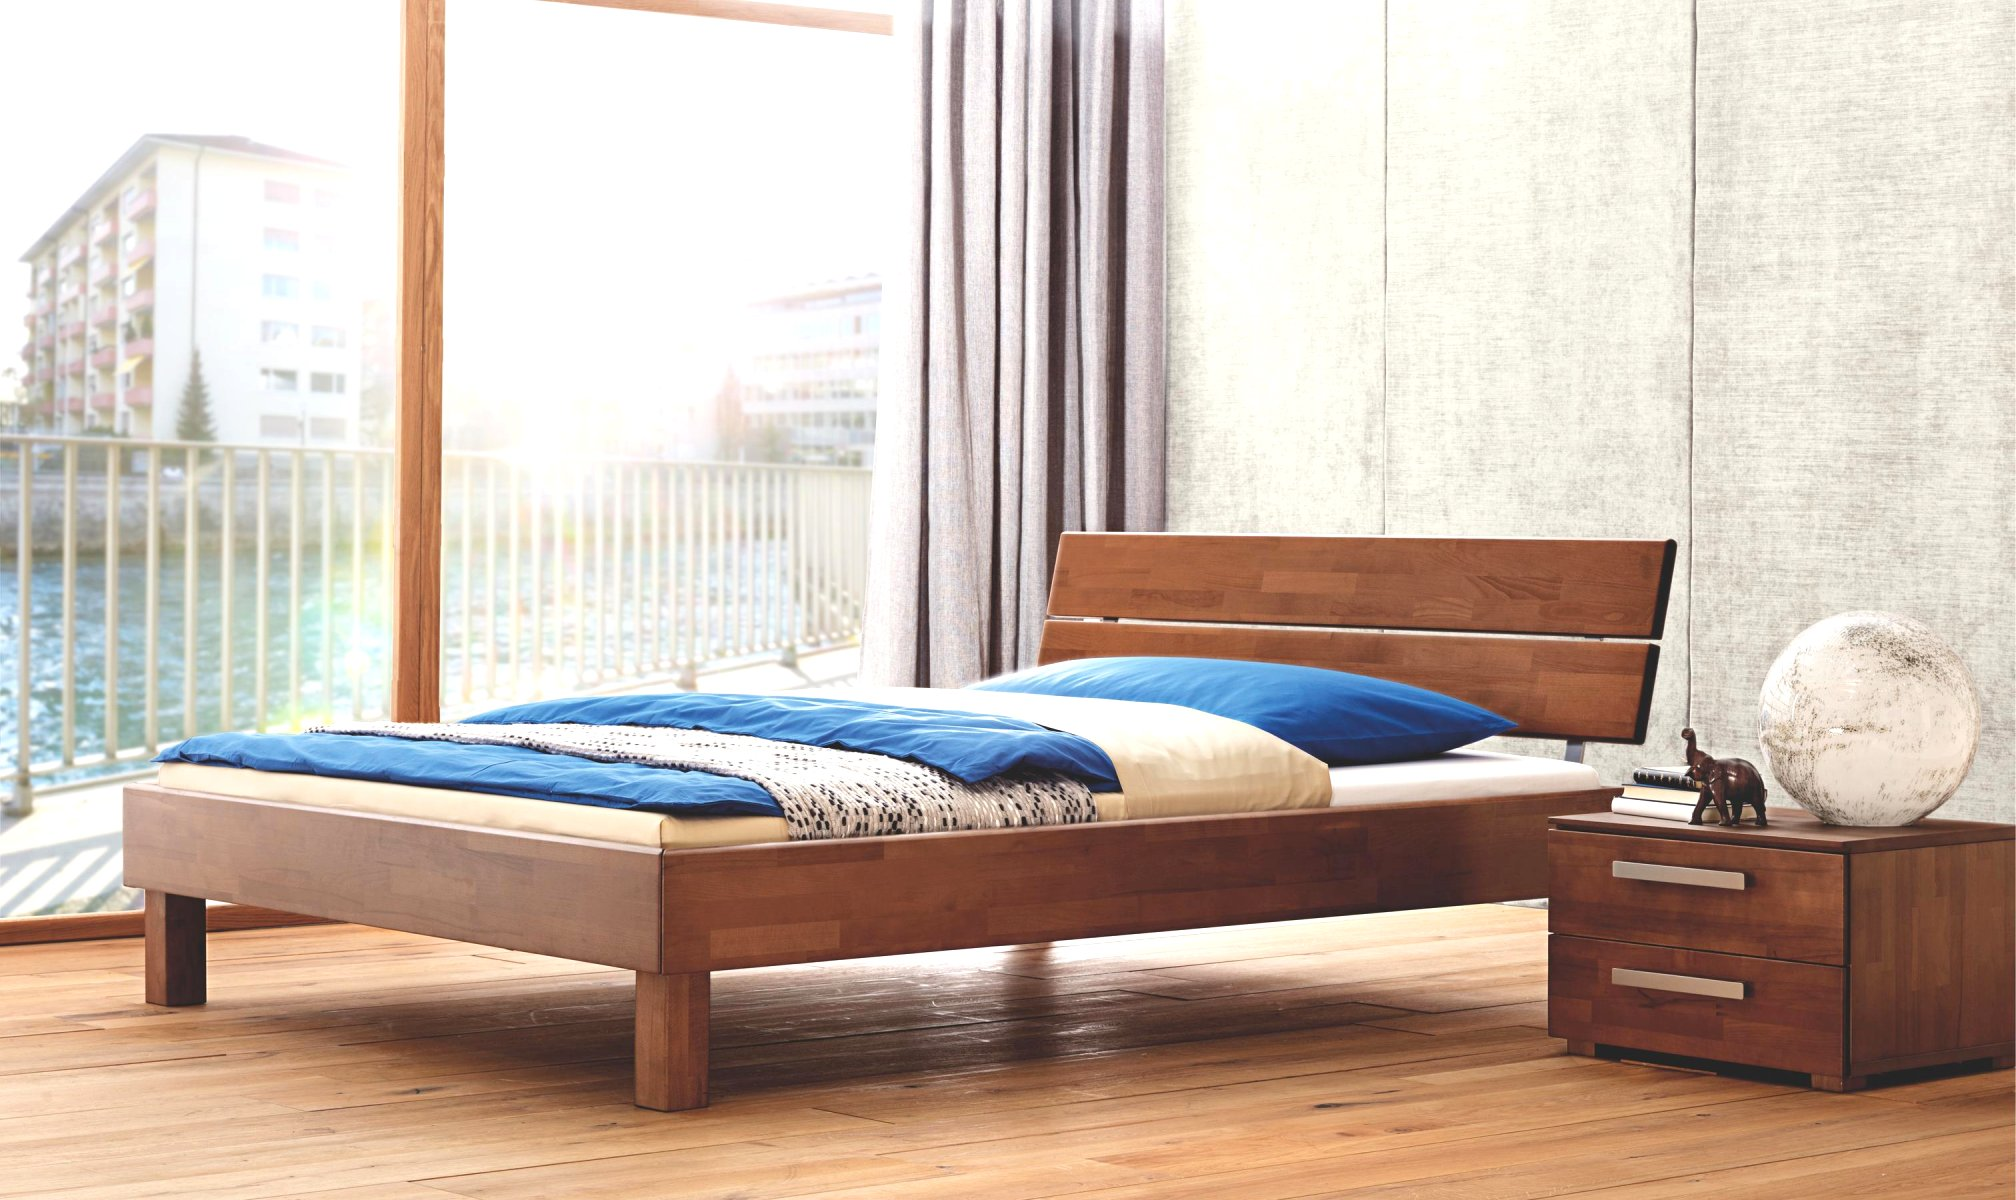 wasserbett 120x210 gel wasserbettmatratzen wasserbettmatratzen und gelmatratzen. Black Bedroom Furniture Sets. Home Design Ideas